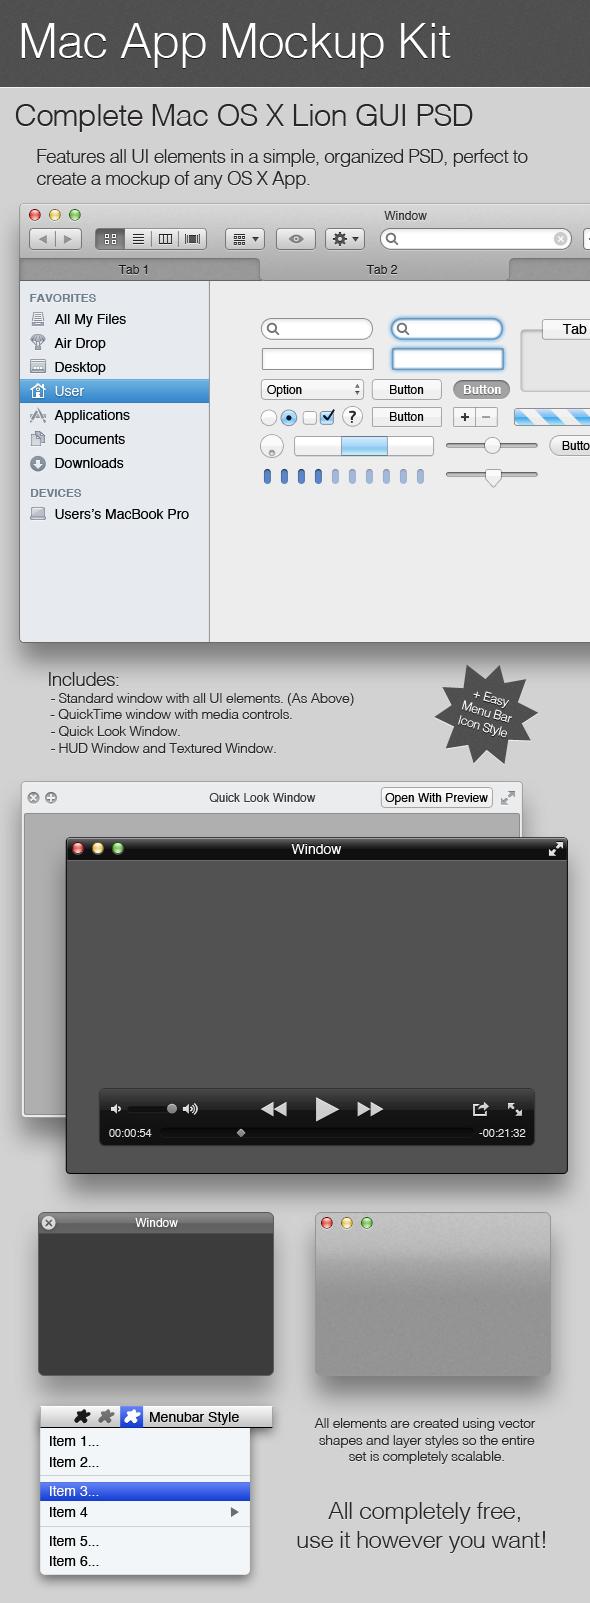 Mac App Mockup Kit